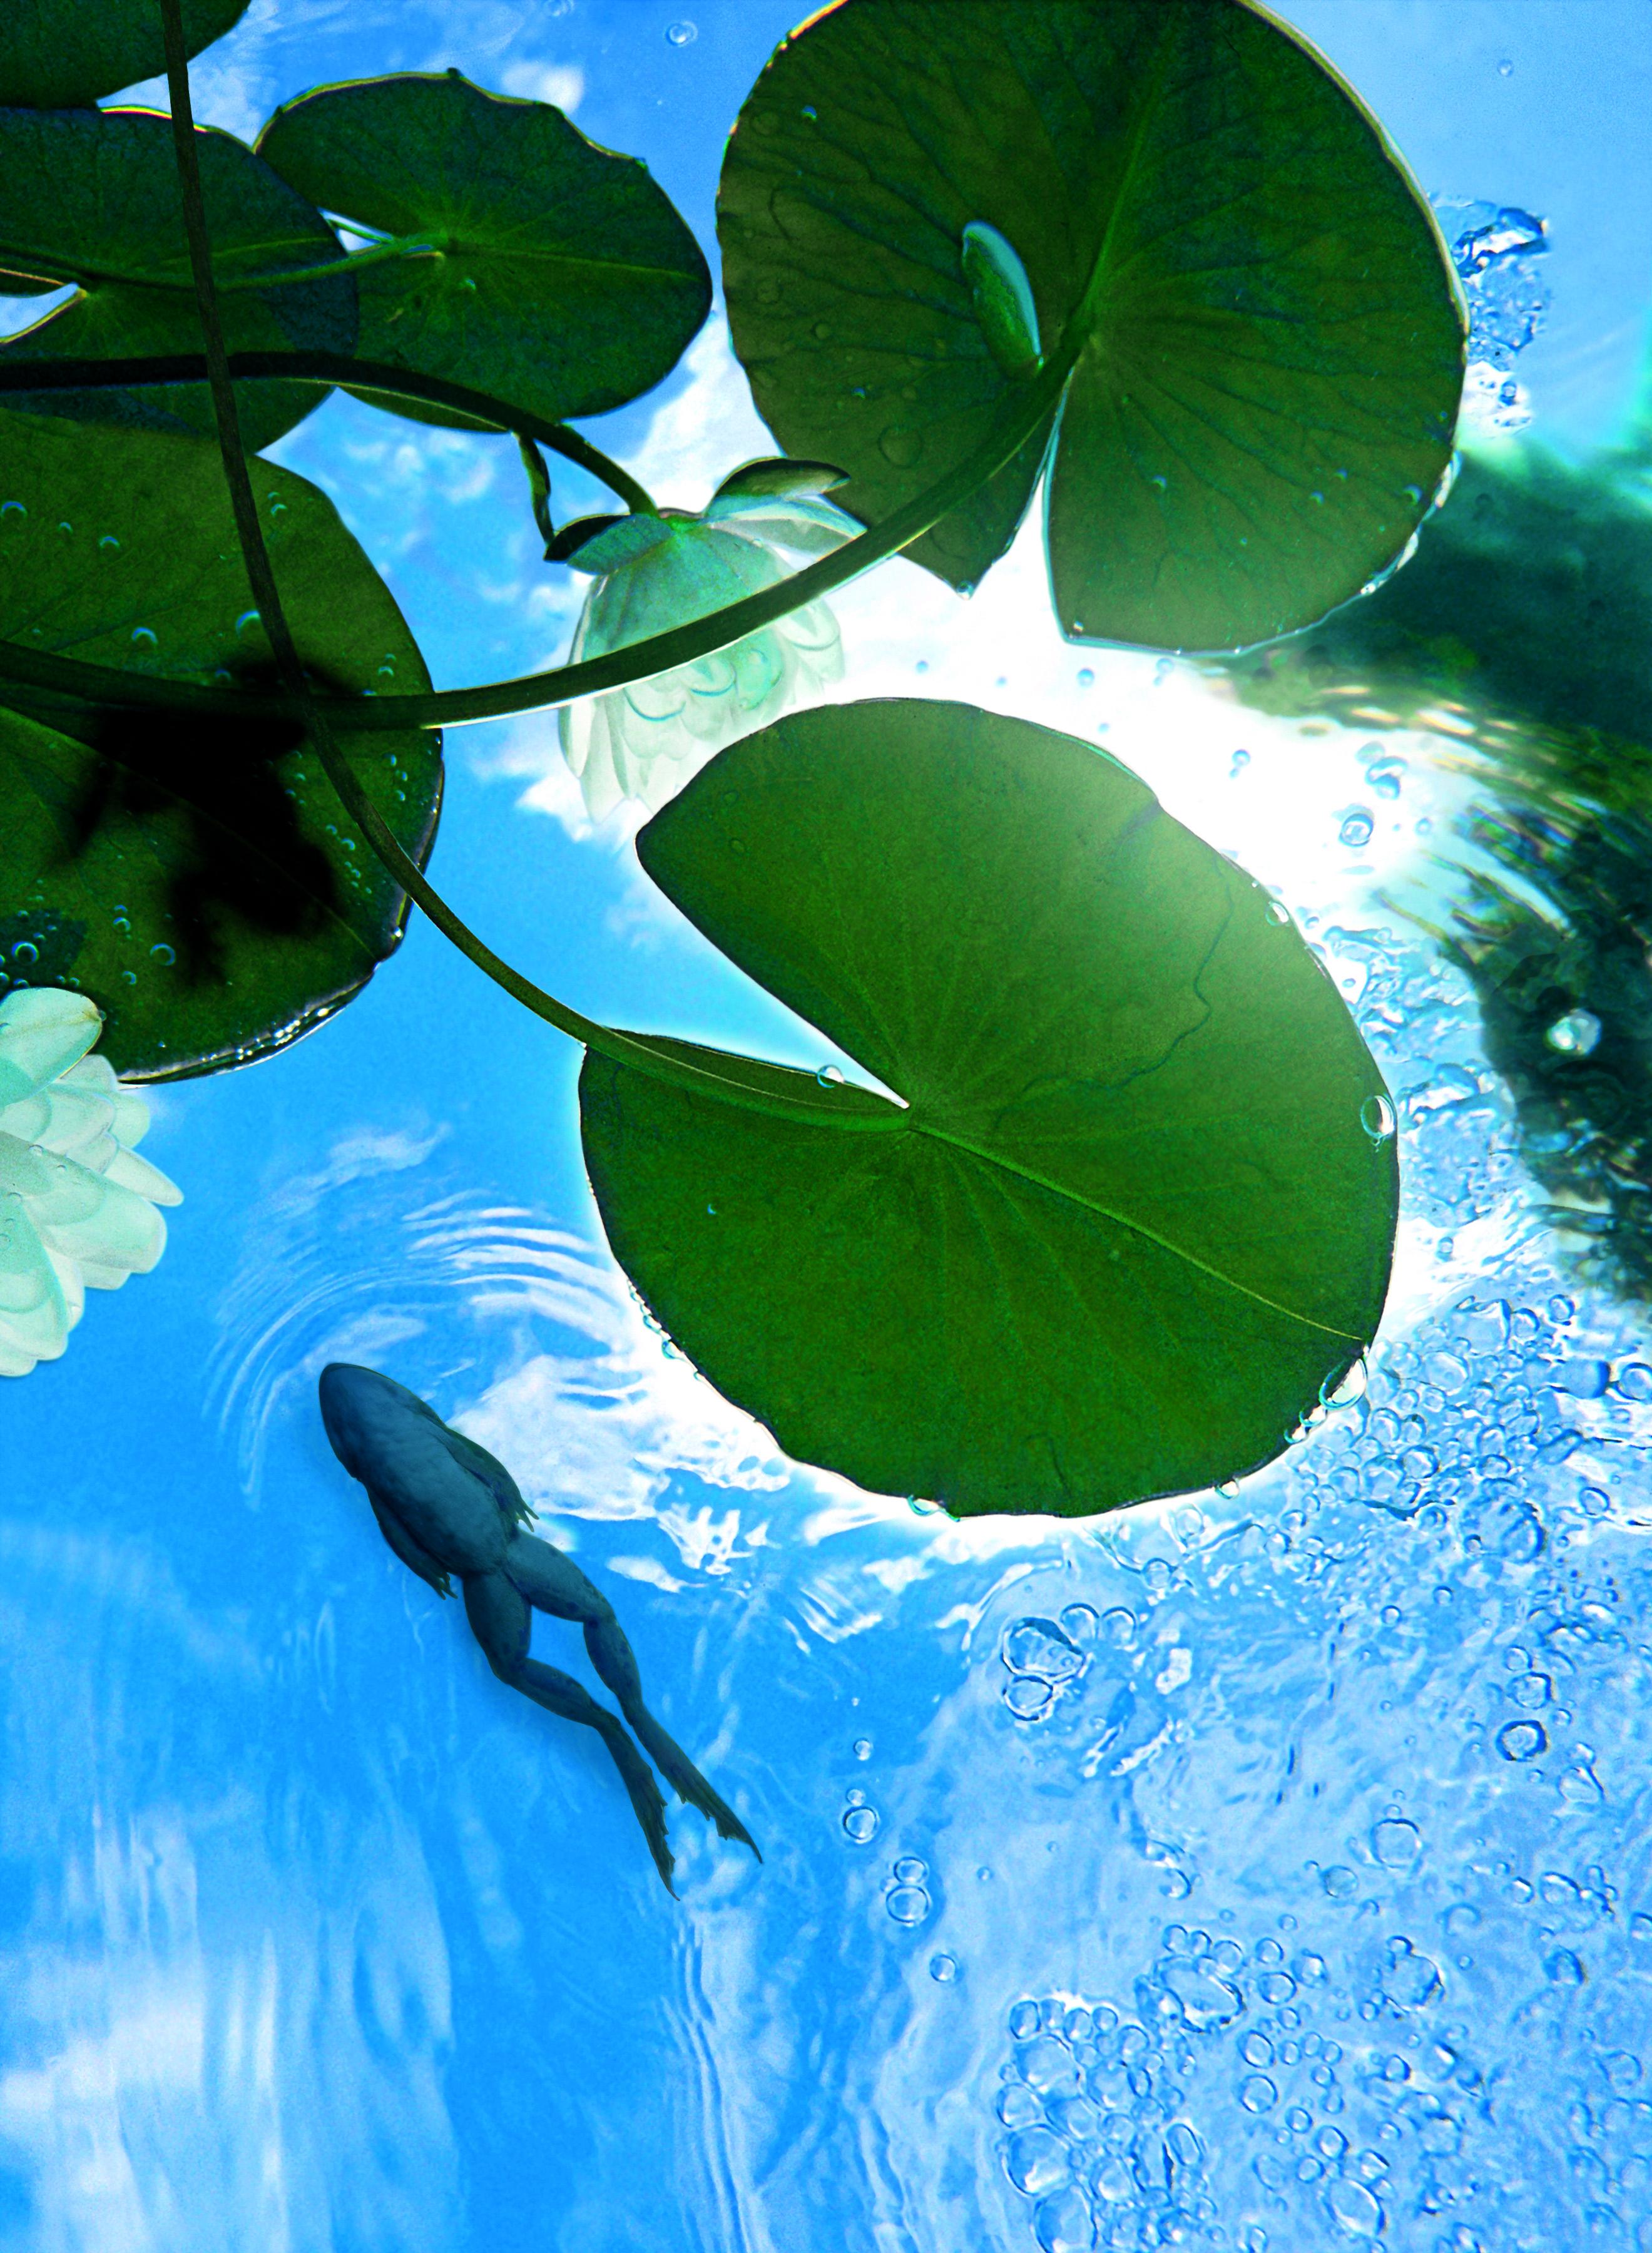 Allarme alghe nel laghetto da giardino abitare for Alghe filamentose nel laghetto